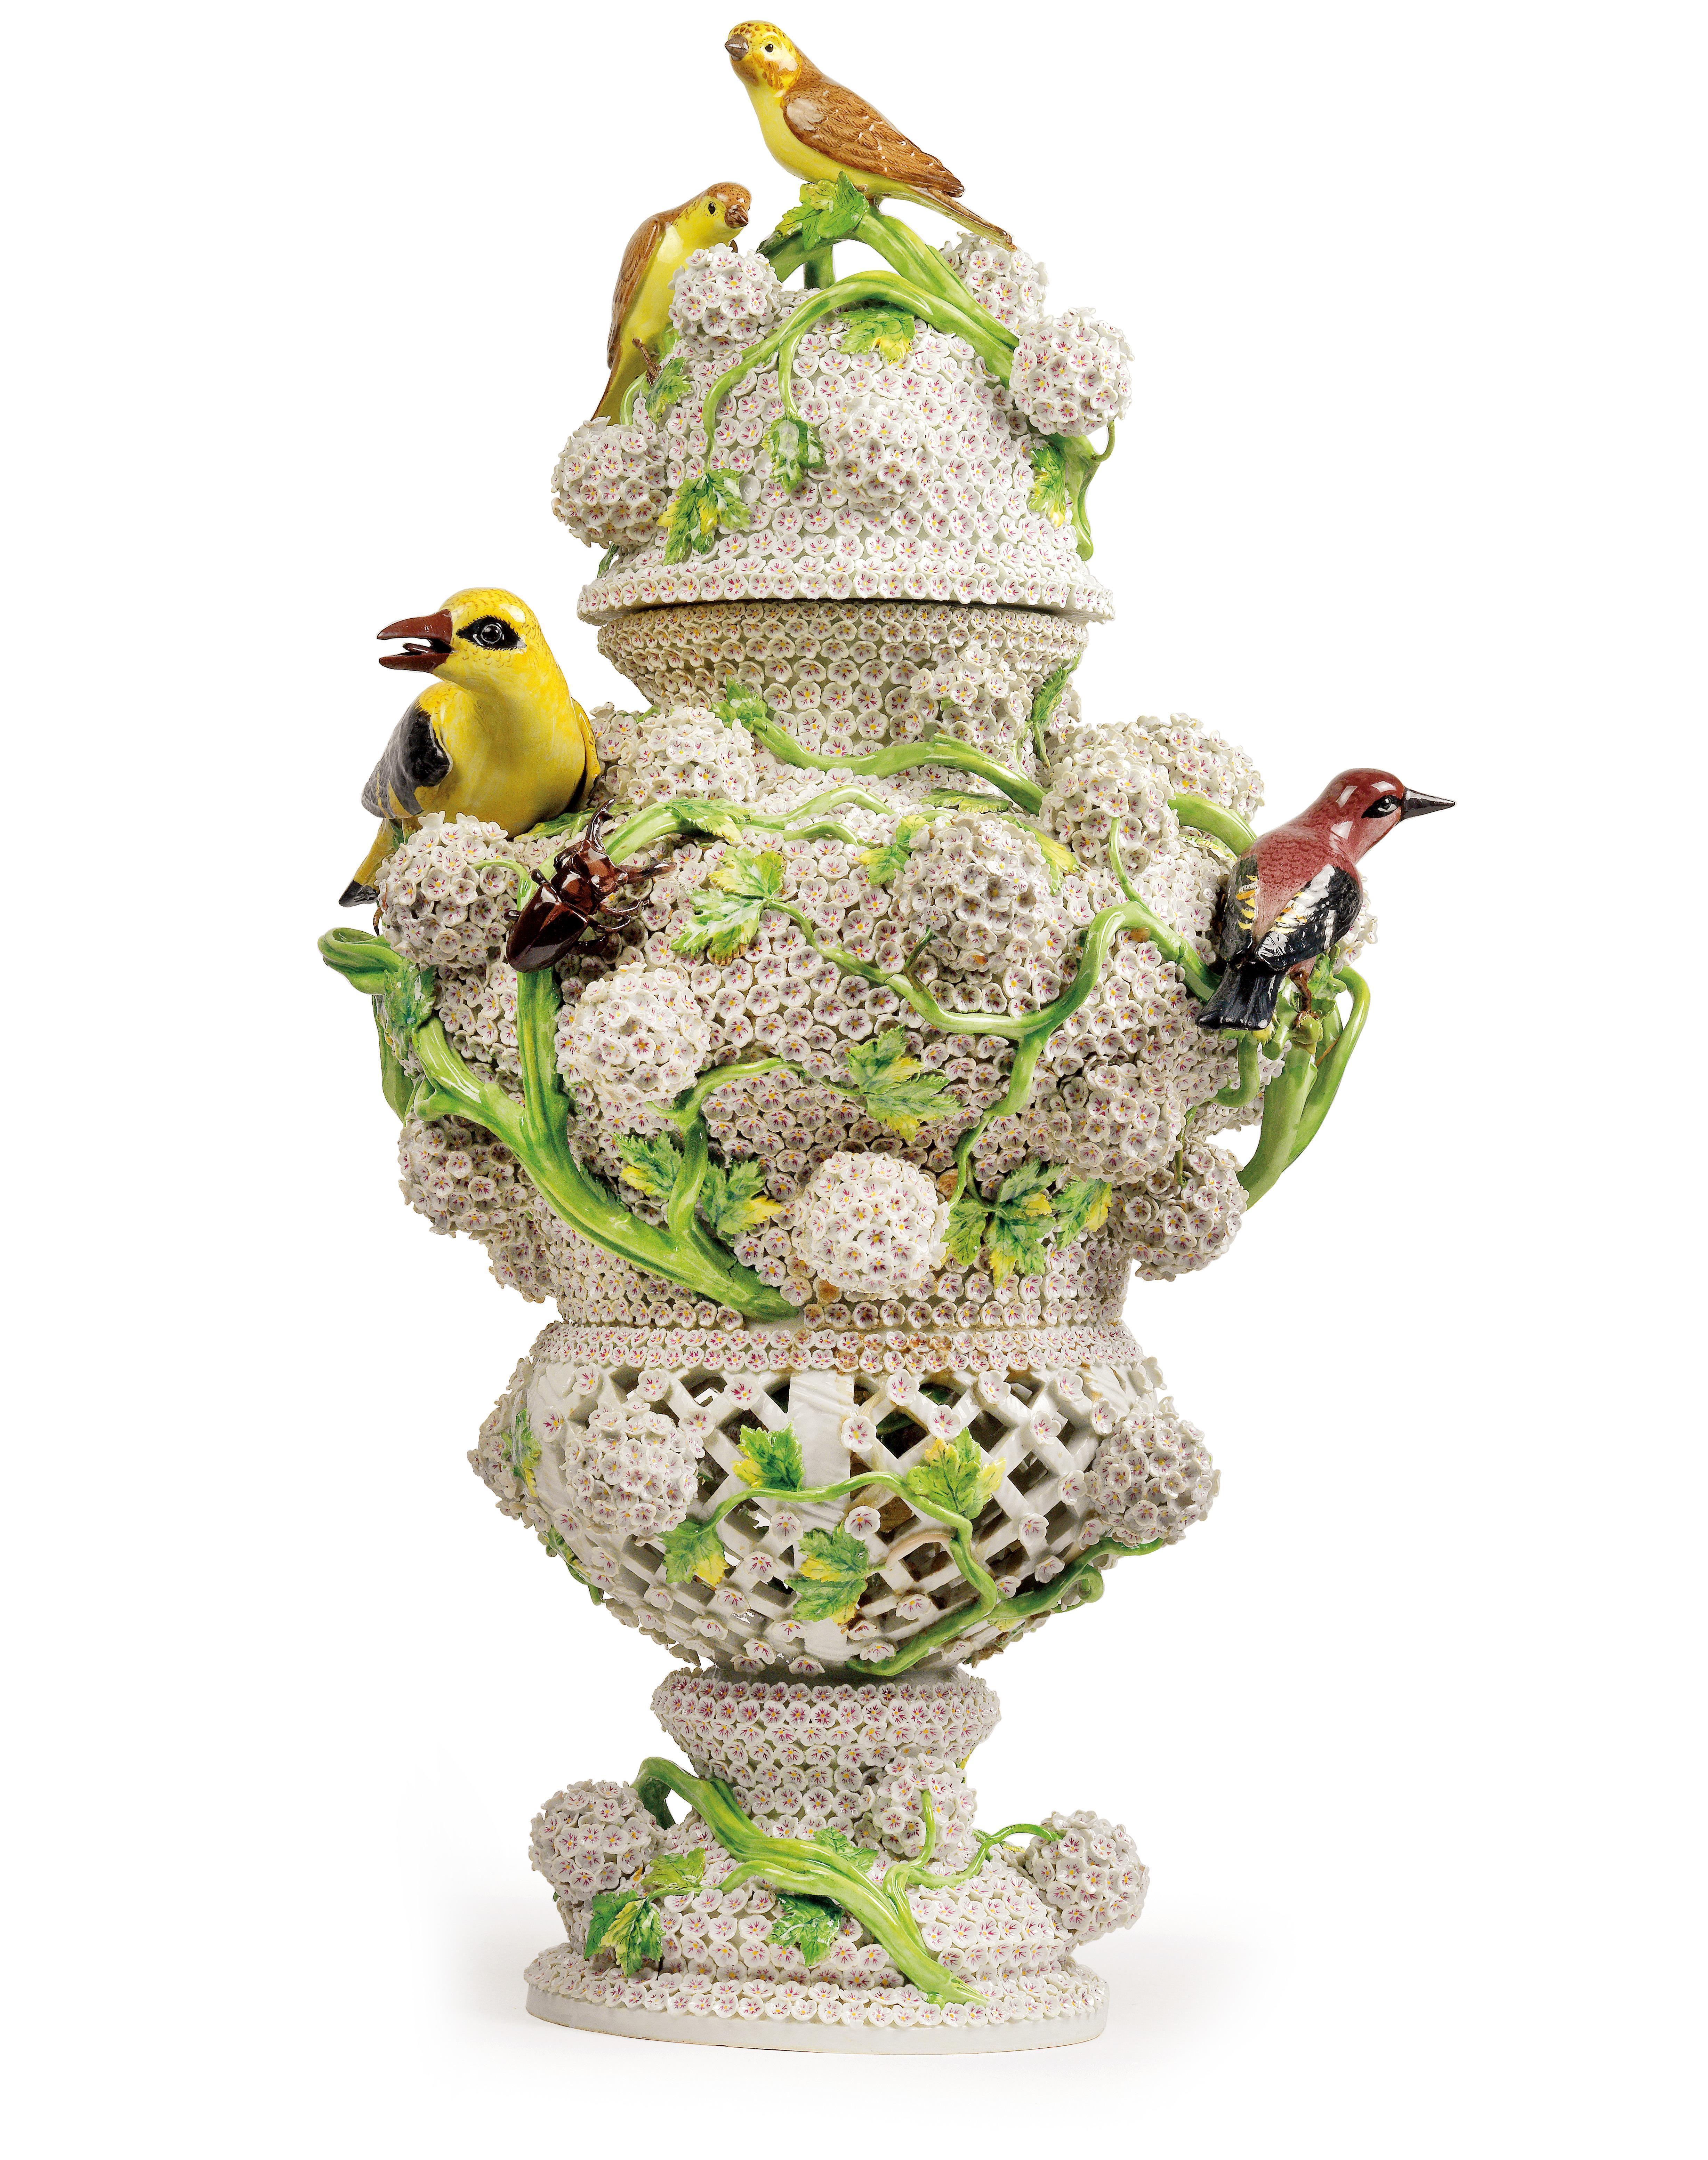 kunstvolle schneeballbl ten florale vasen dorotheum kunst blog. Black Bedroom Furniture Sets. Home Design Ideas